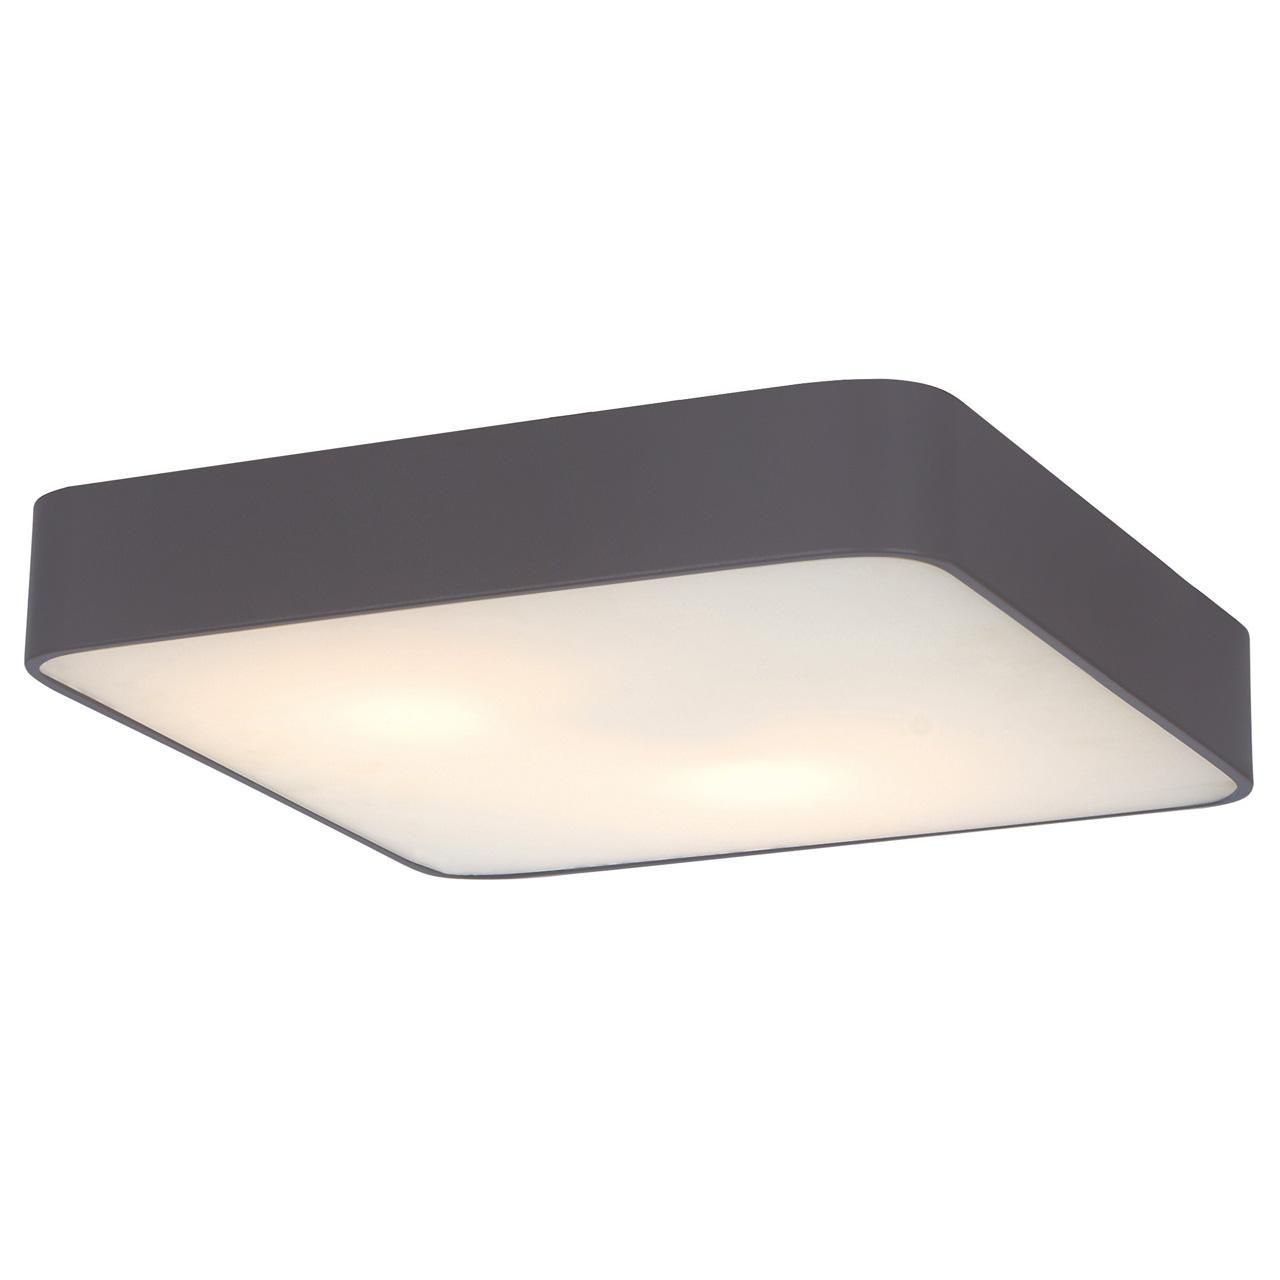 Потолочный светильник Arte Lamp A7210PL-3BK, черный цена